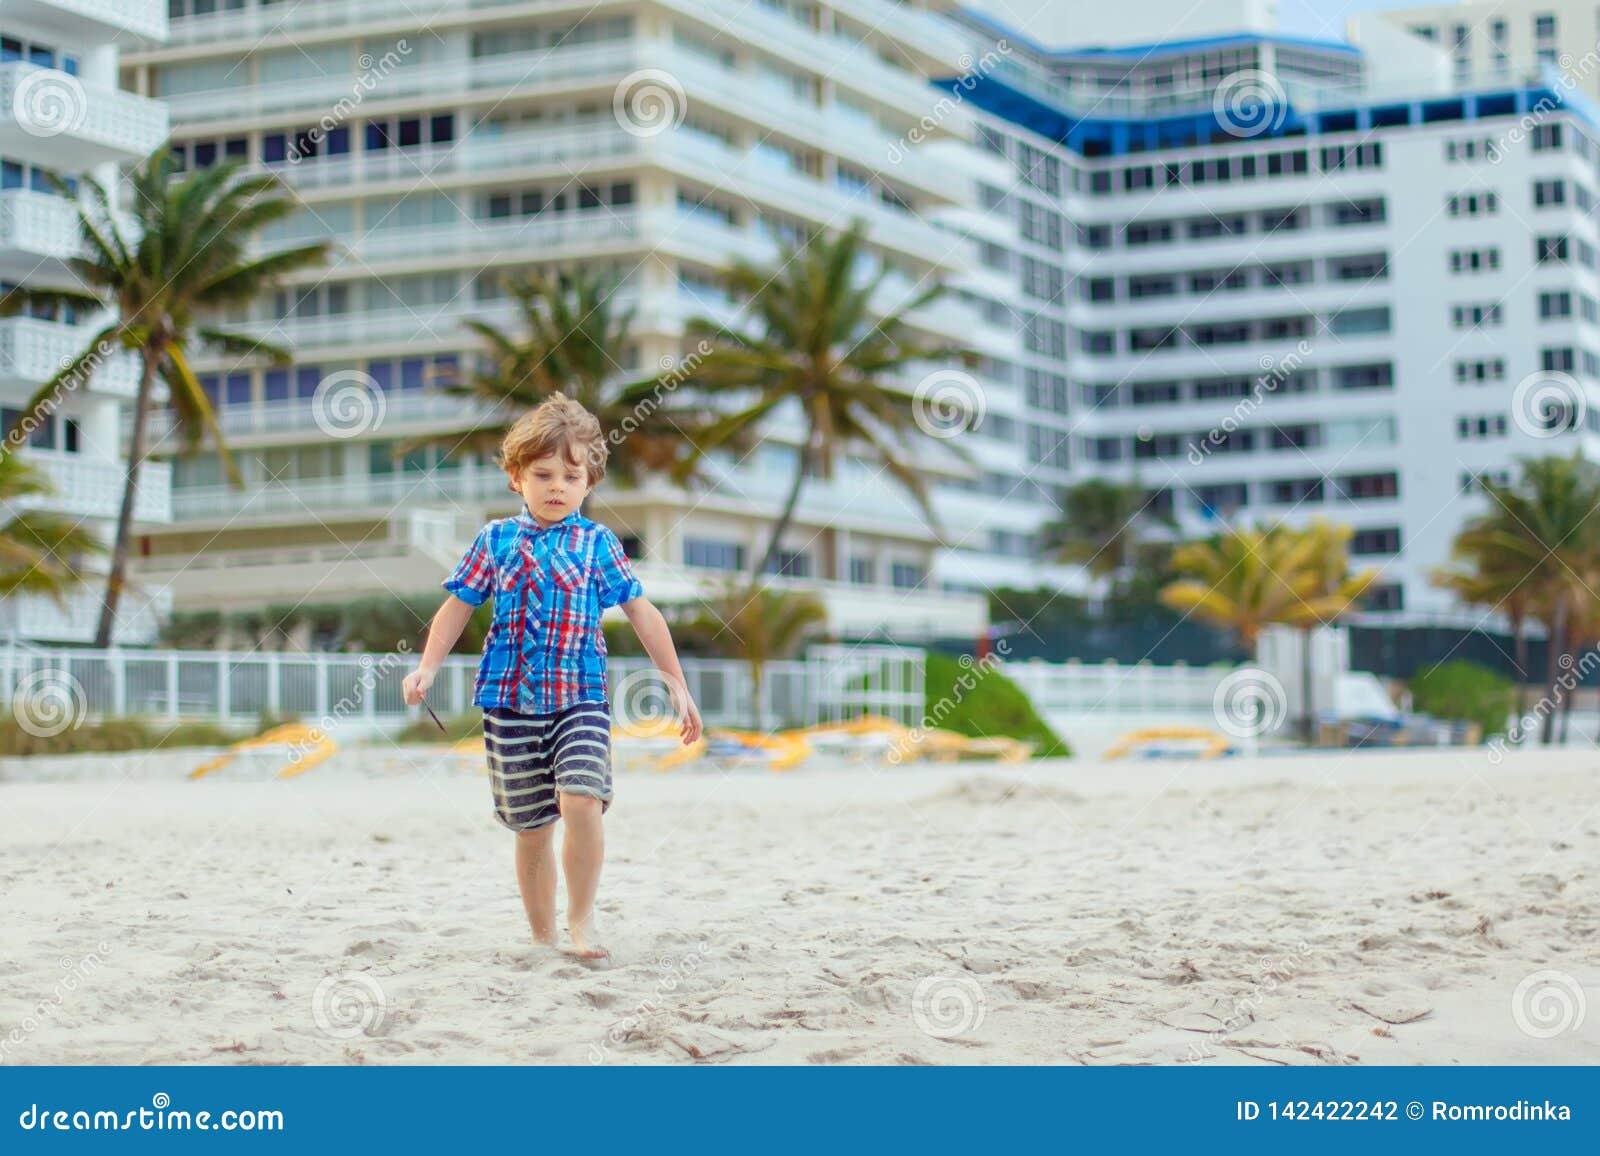 Porträt des glücklichen Kleinkindjungen auf dem Strand von Ozean Lustiges nettes Kind, das Ferien macht und Sommer genießt Gesund